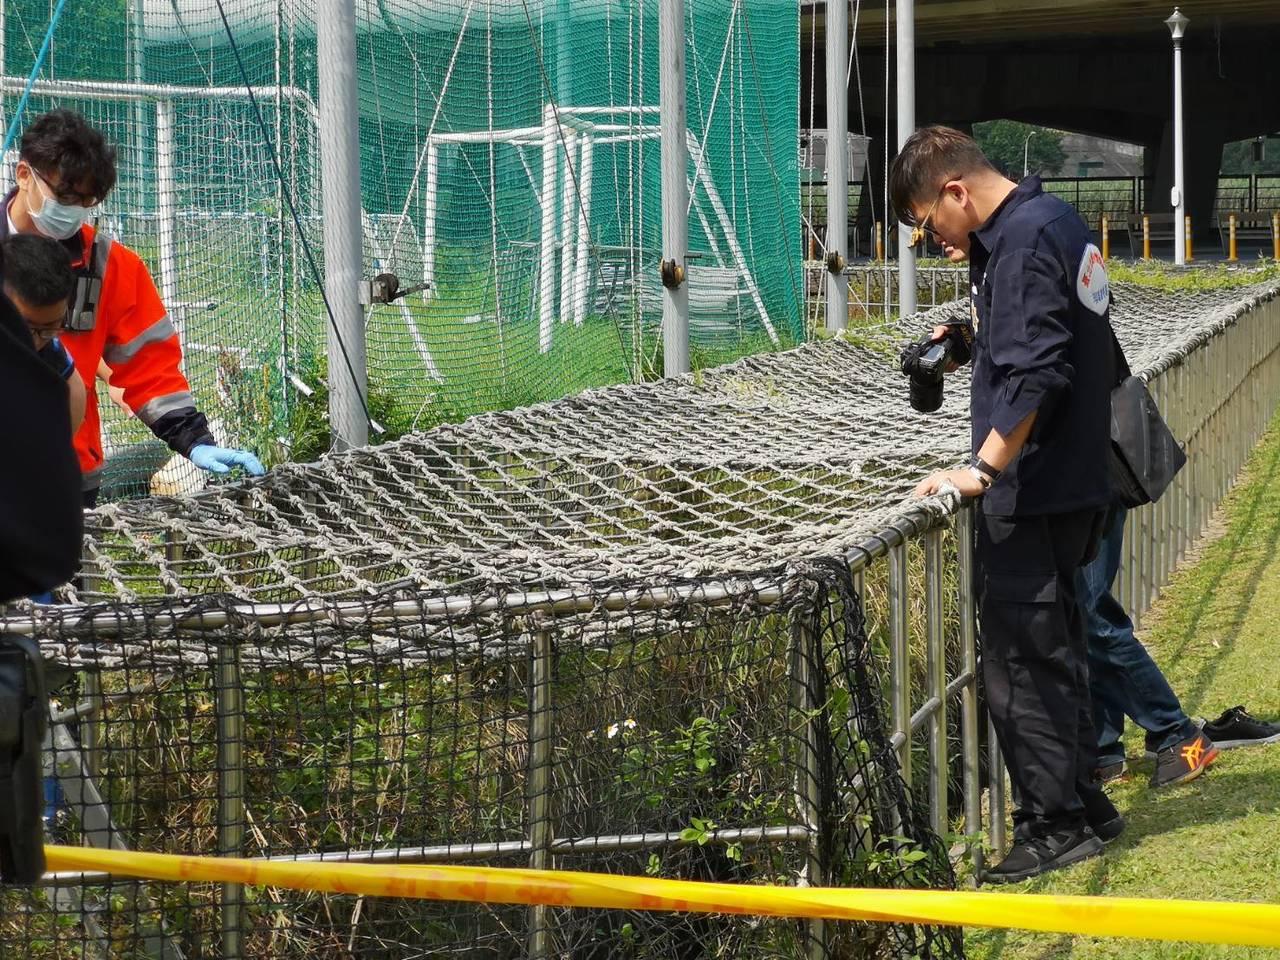 魏女陳屍在溝渠內,警方封鎖現場調查。記者李承穎/翻攝